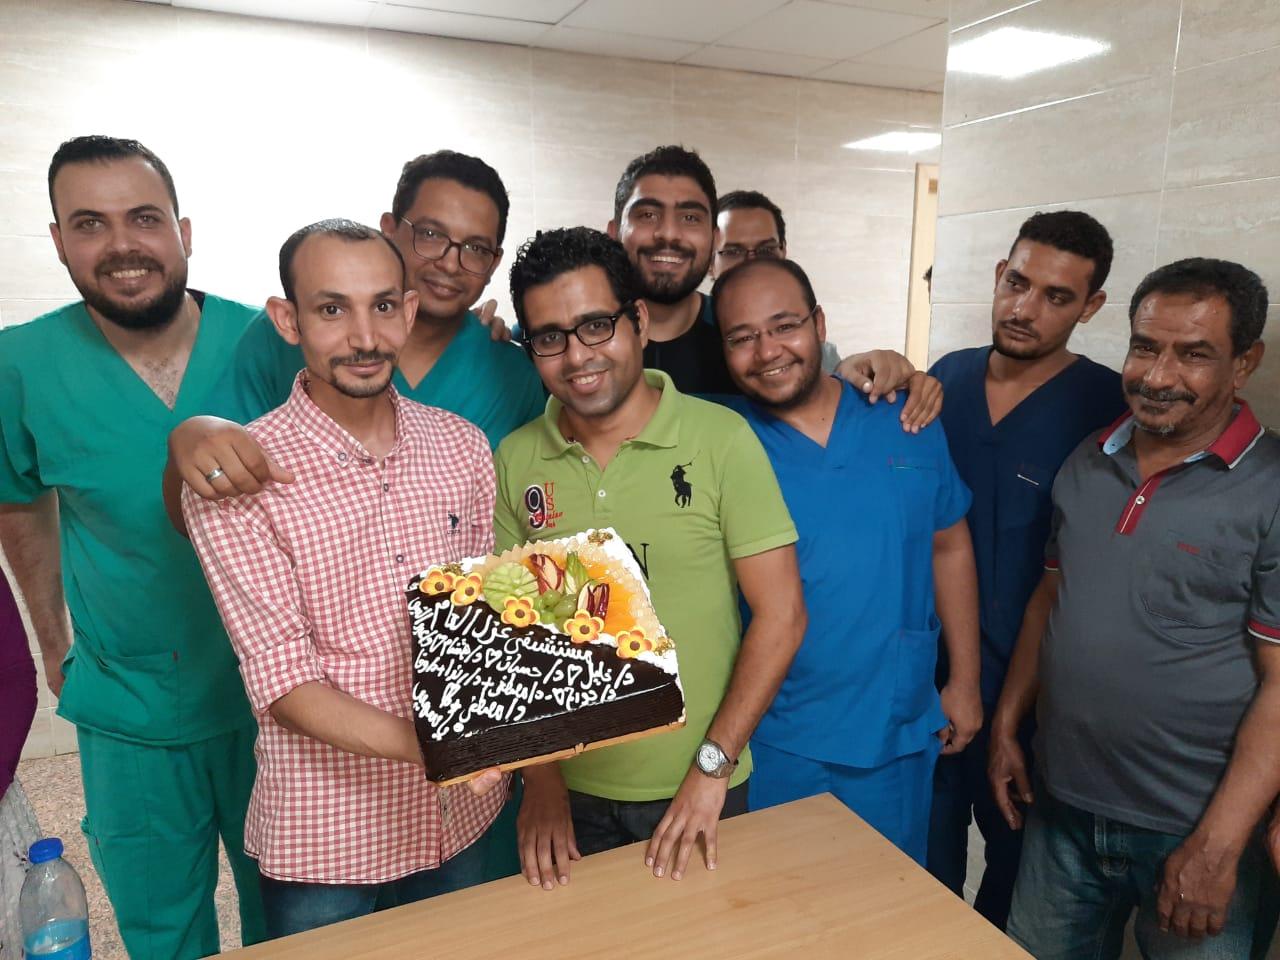 مستشفي الأقصر العام تحتفل بإنتهاء عمل الفريق الرابع للعزل الصحى  (6)